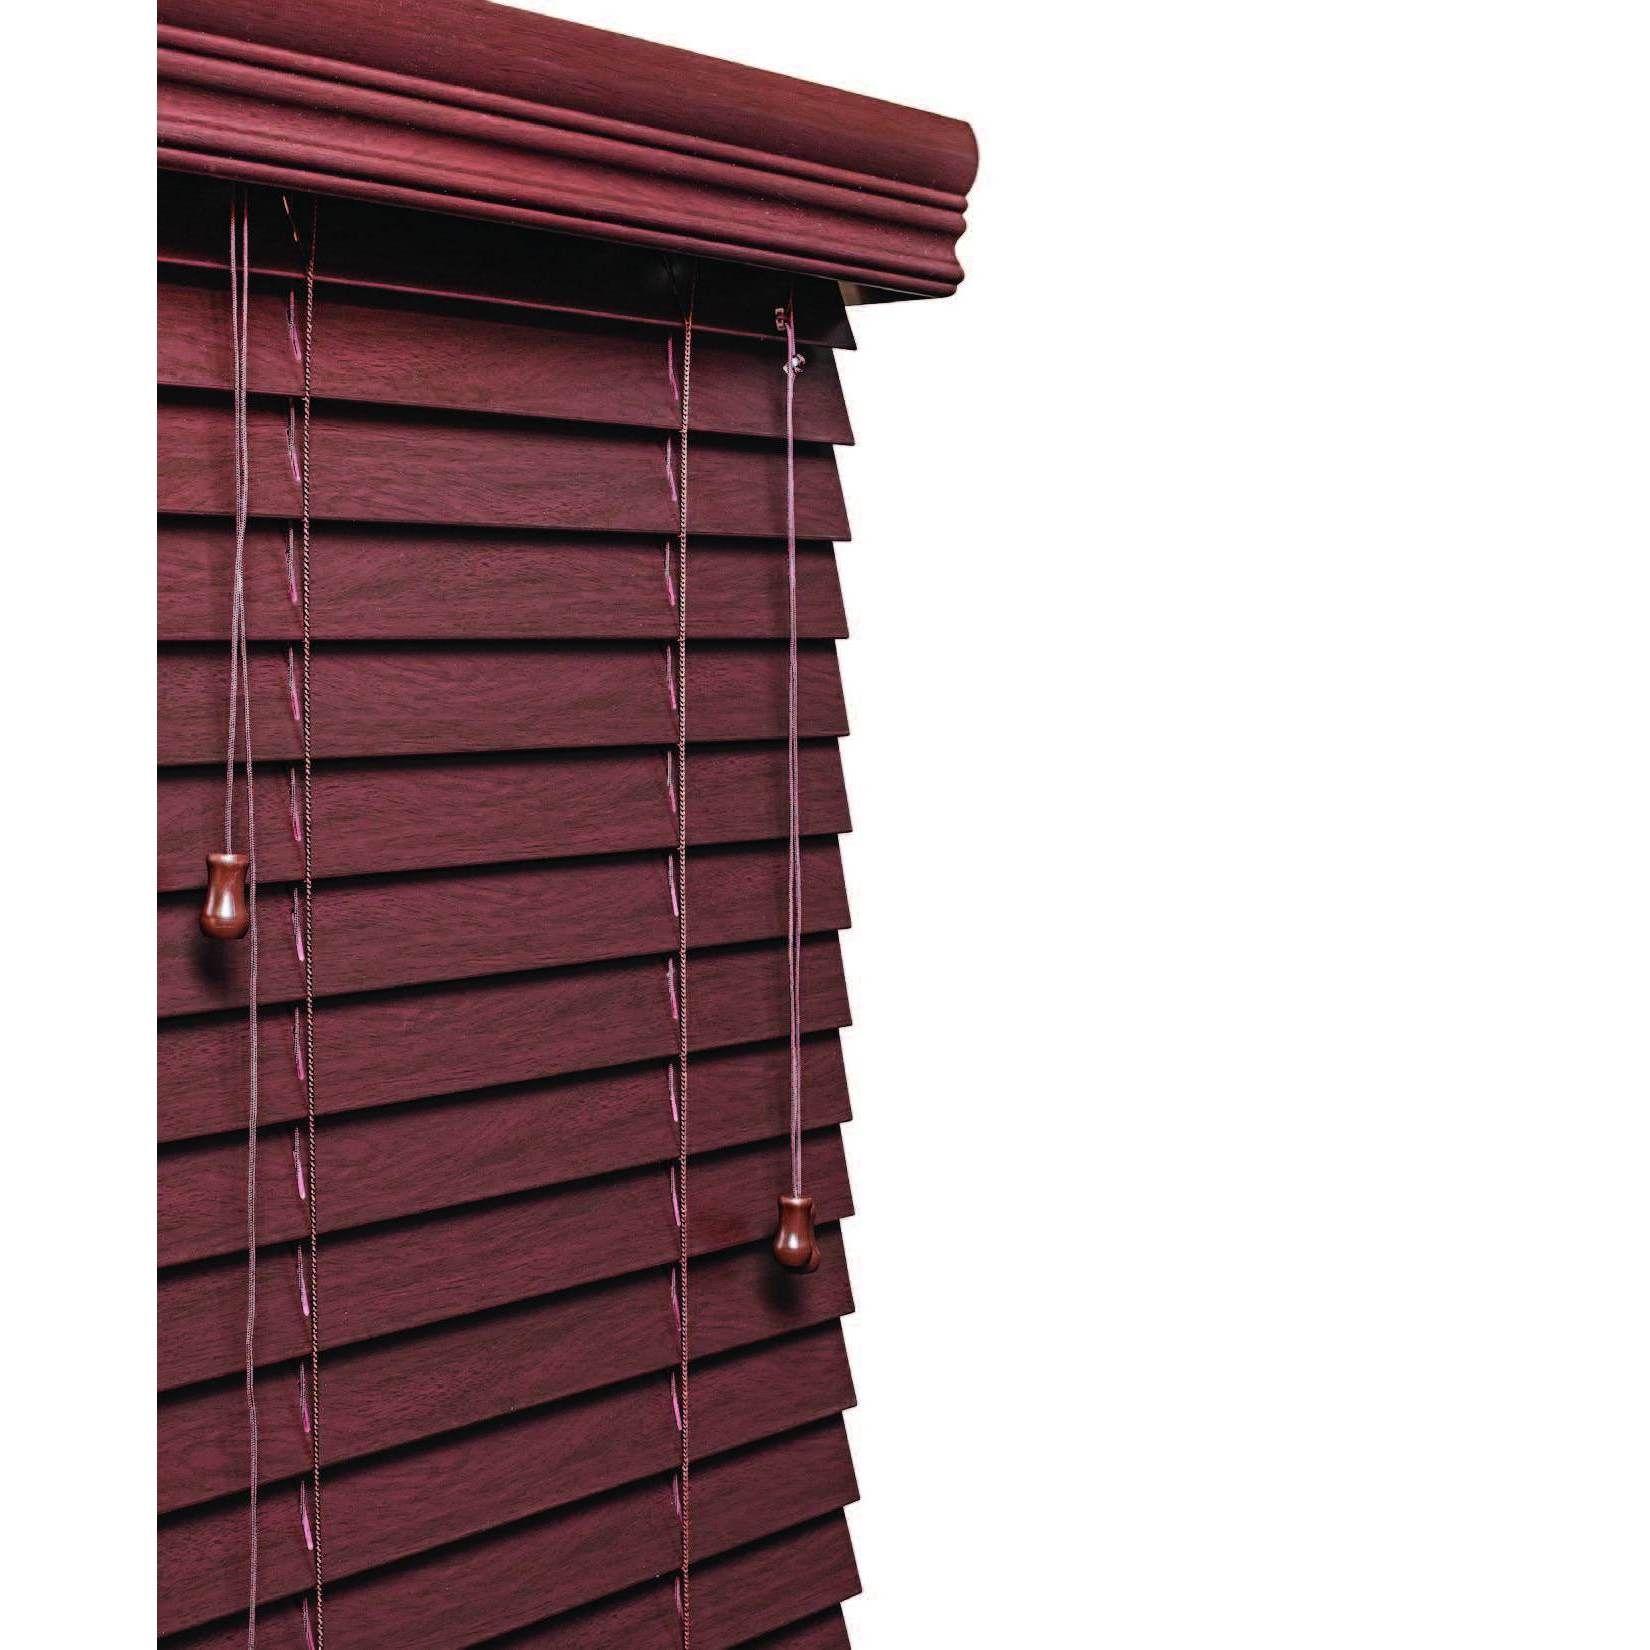 72 inch wide blinds home furnishings mahogany 2inch faux wood grain blind 11 to 72inch wide mahogany 71 inches 60 long brown mahogany